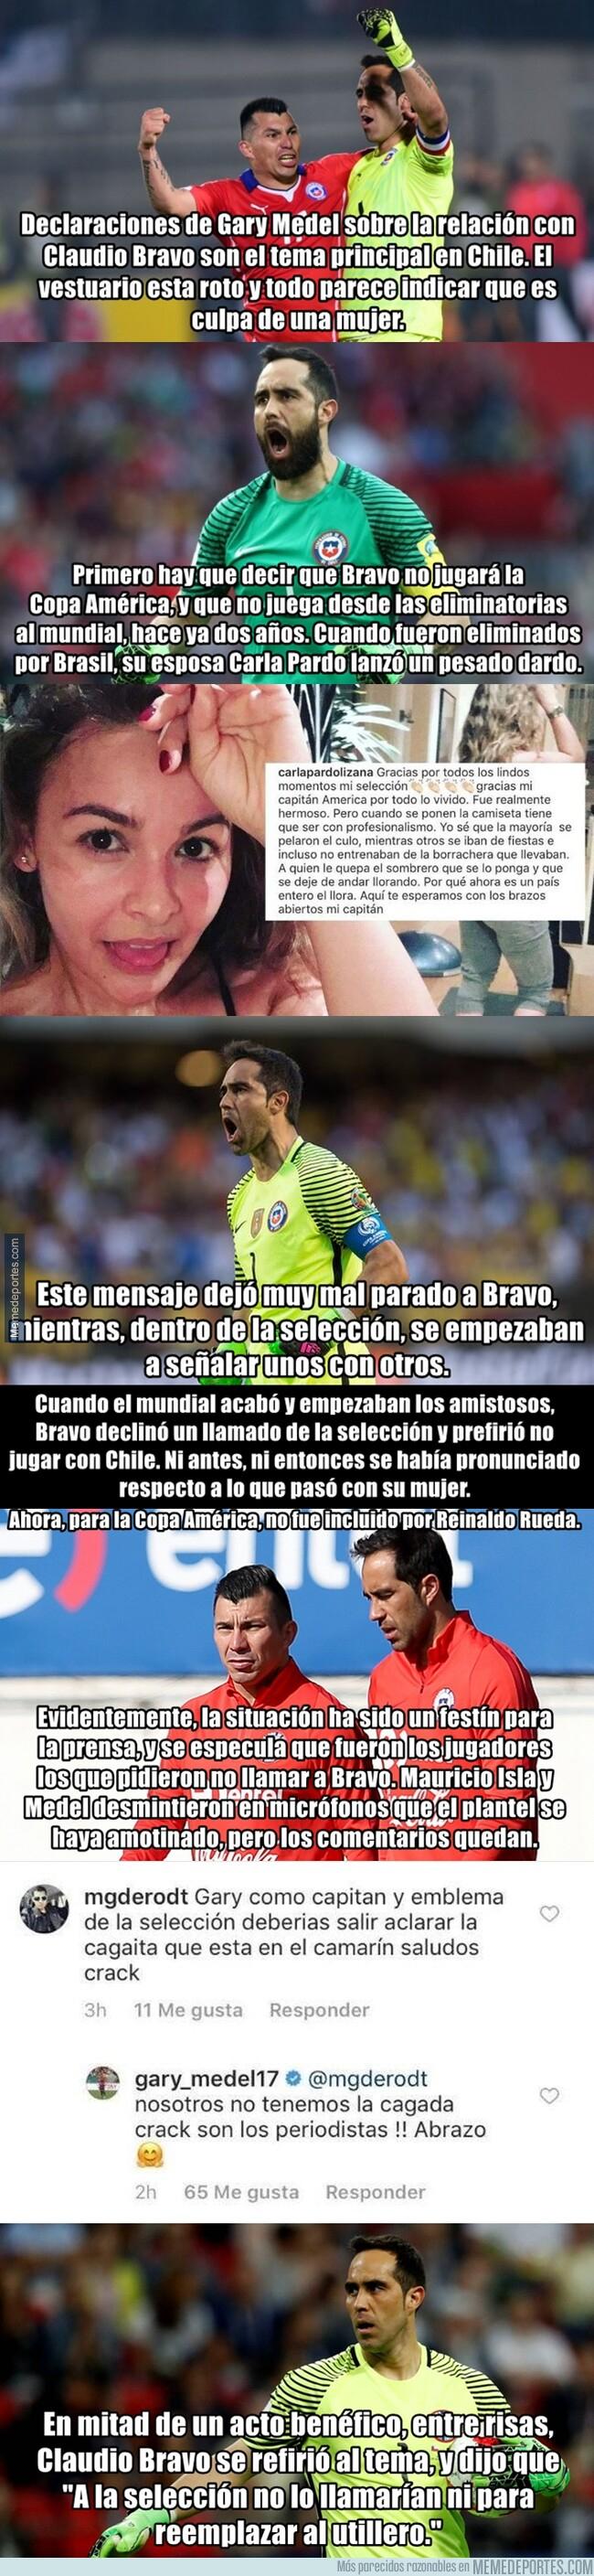 1077294 - ¿Qué está pasando en Chile con Claudio Bravo?